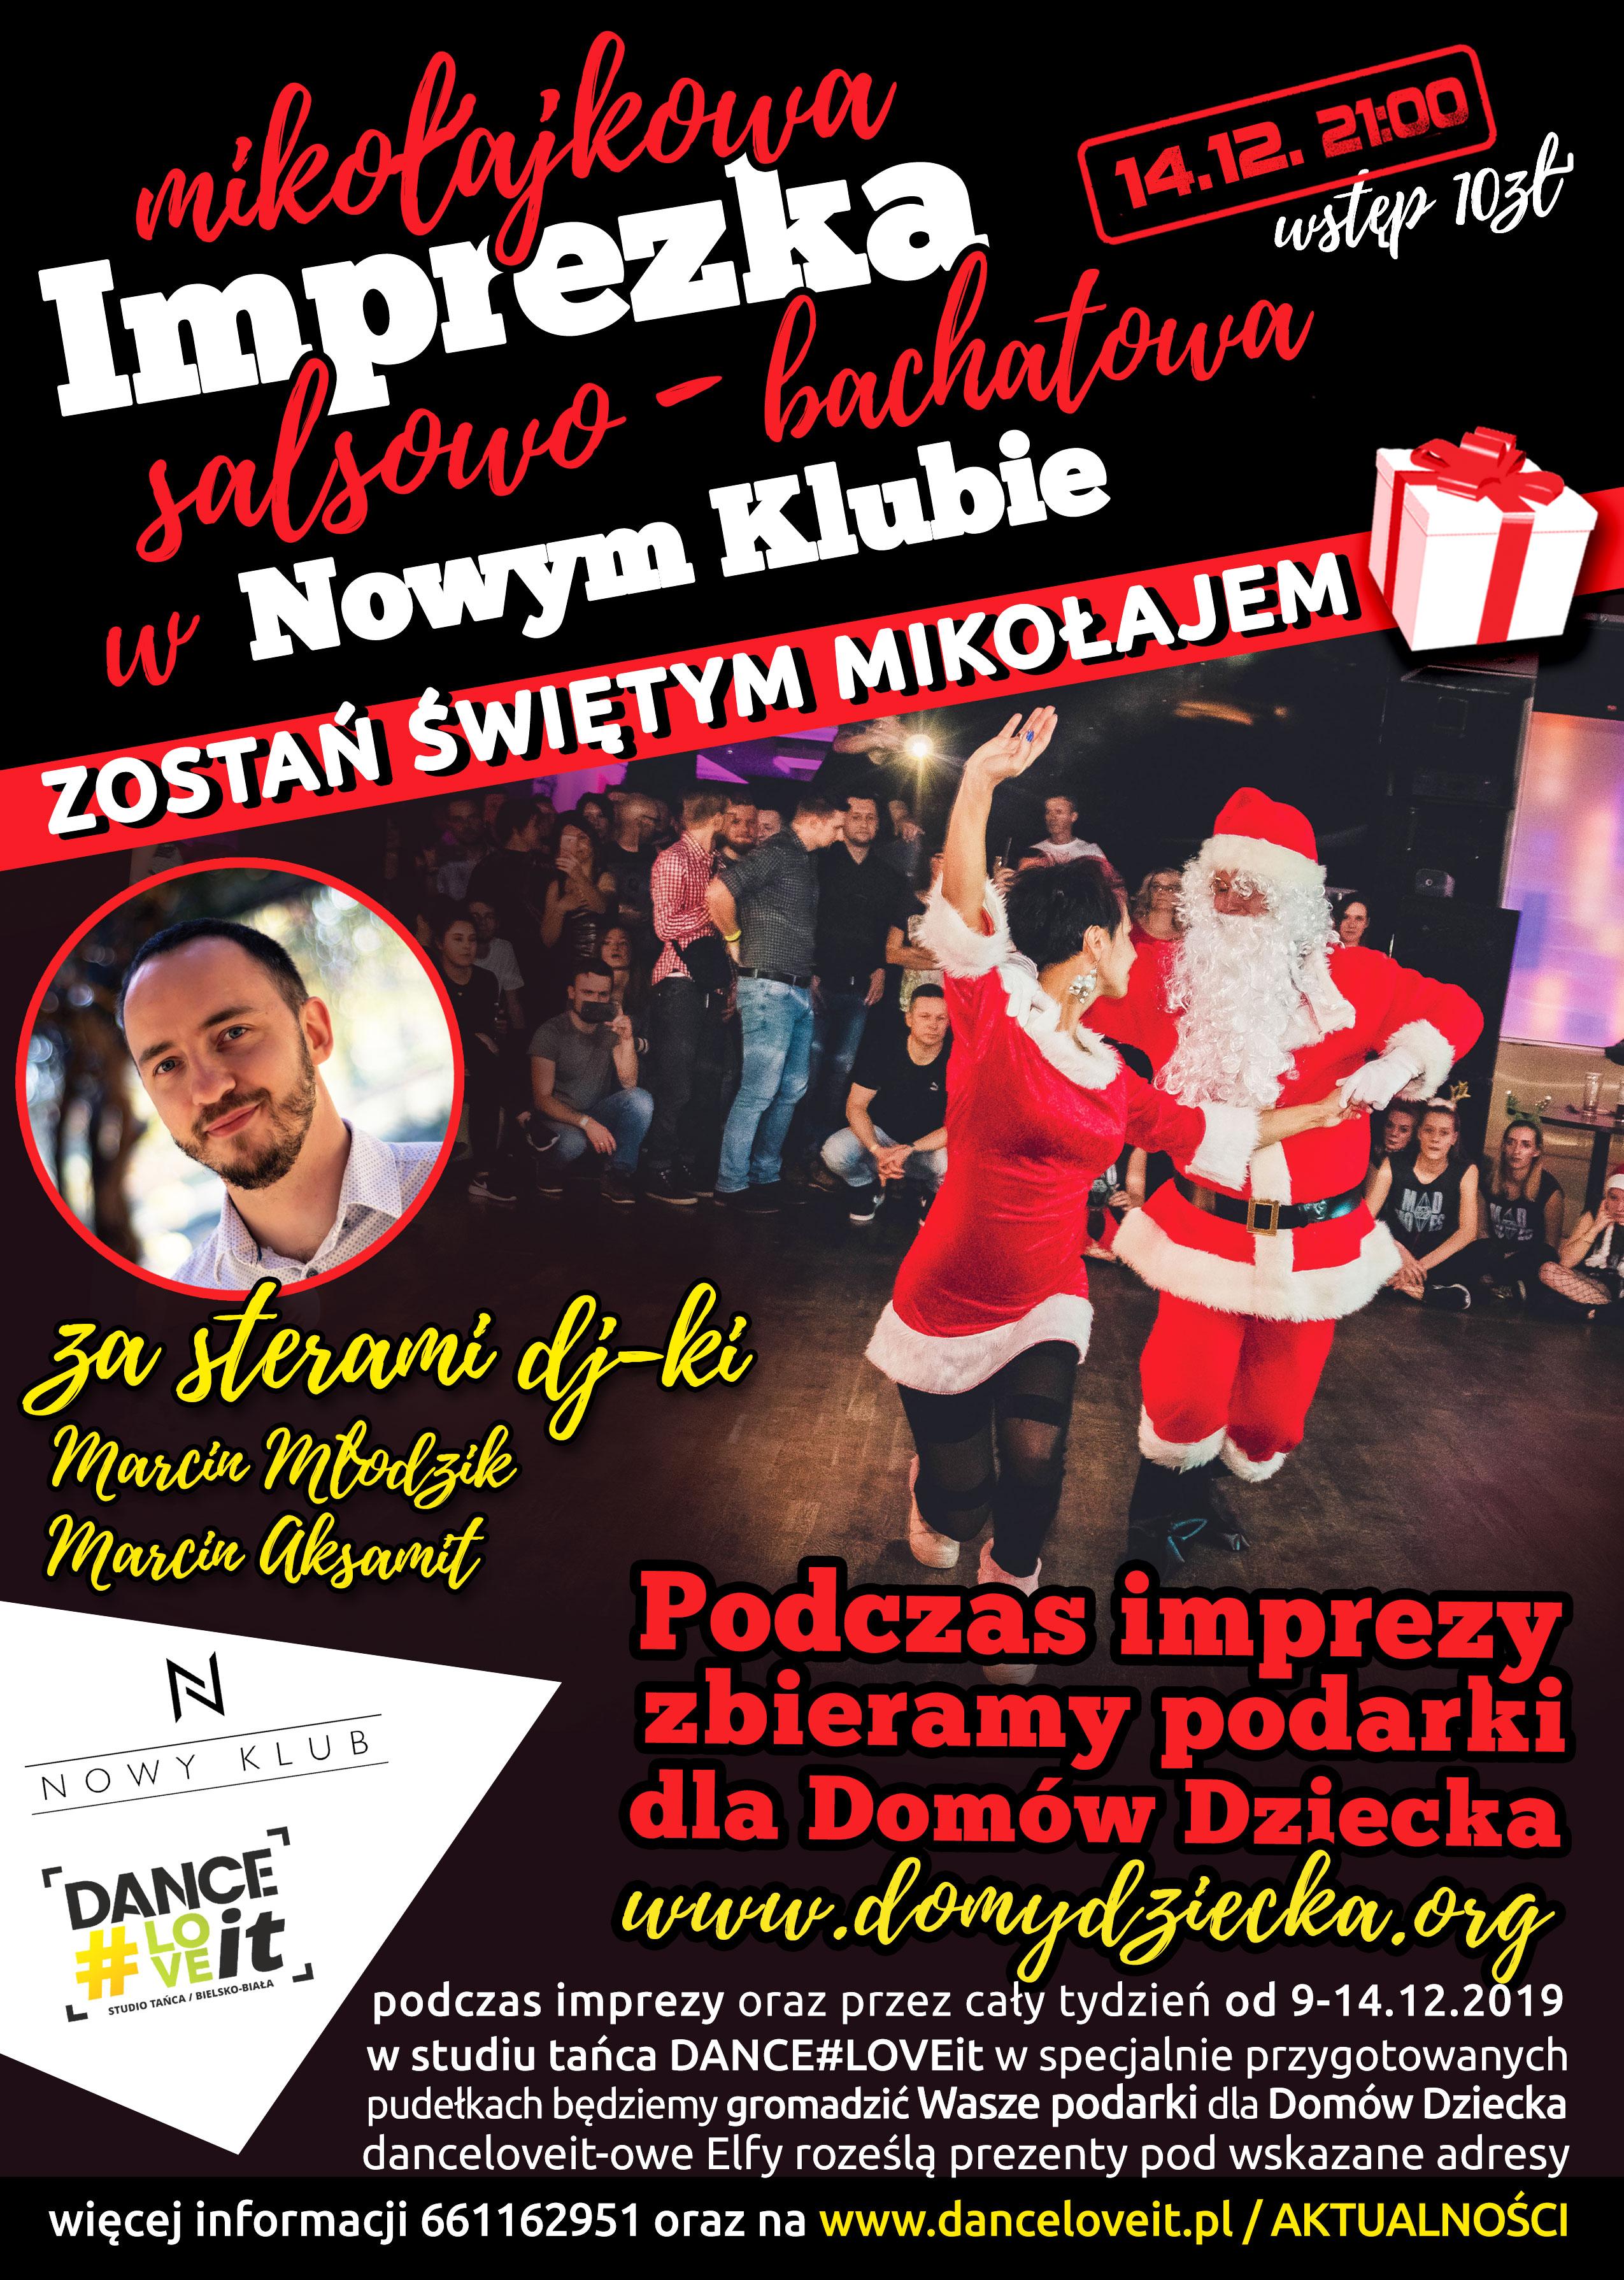 mikołajkowa-impreza-salsowo-bachatowa-w nowym-klubie-zbiórka-podarków-dla-domu-dziecka